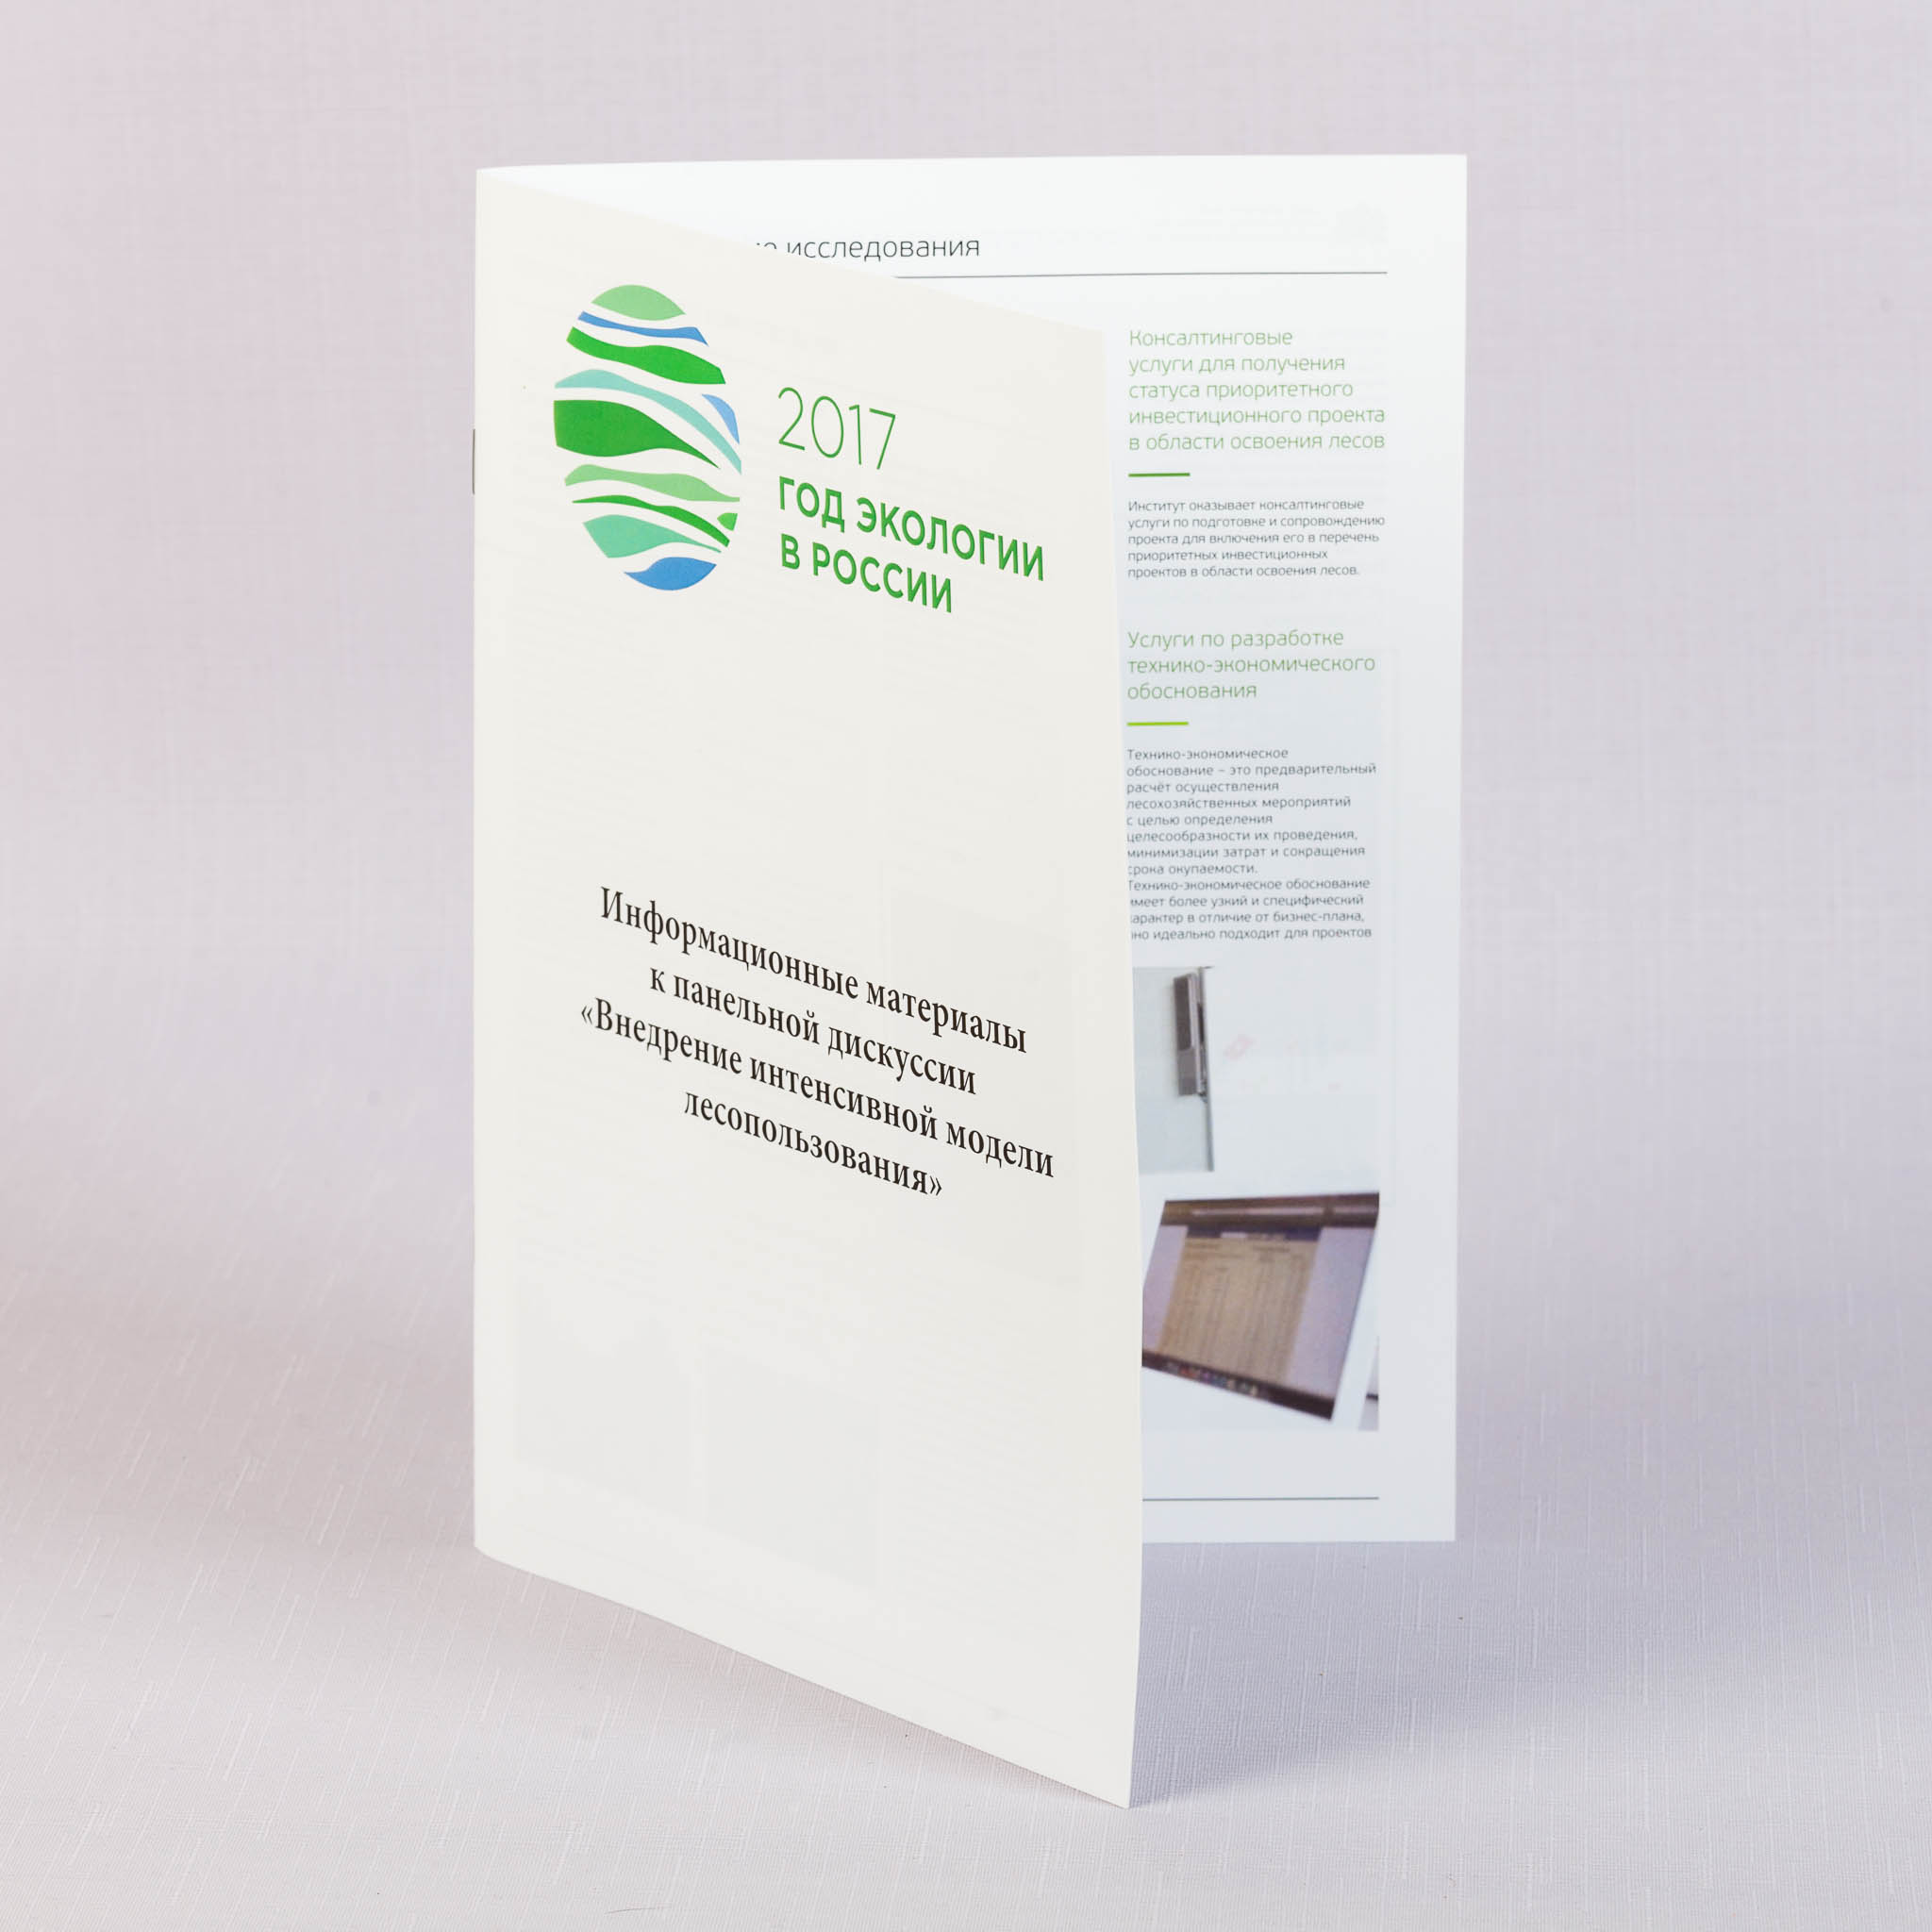 Программа конференции из тонкой мелованной бумаги